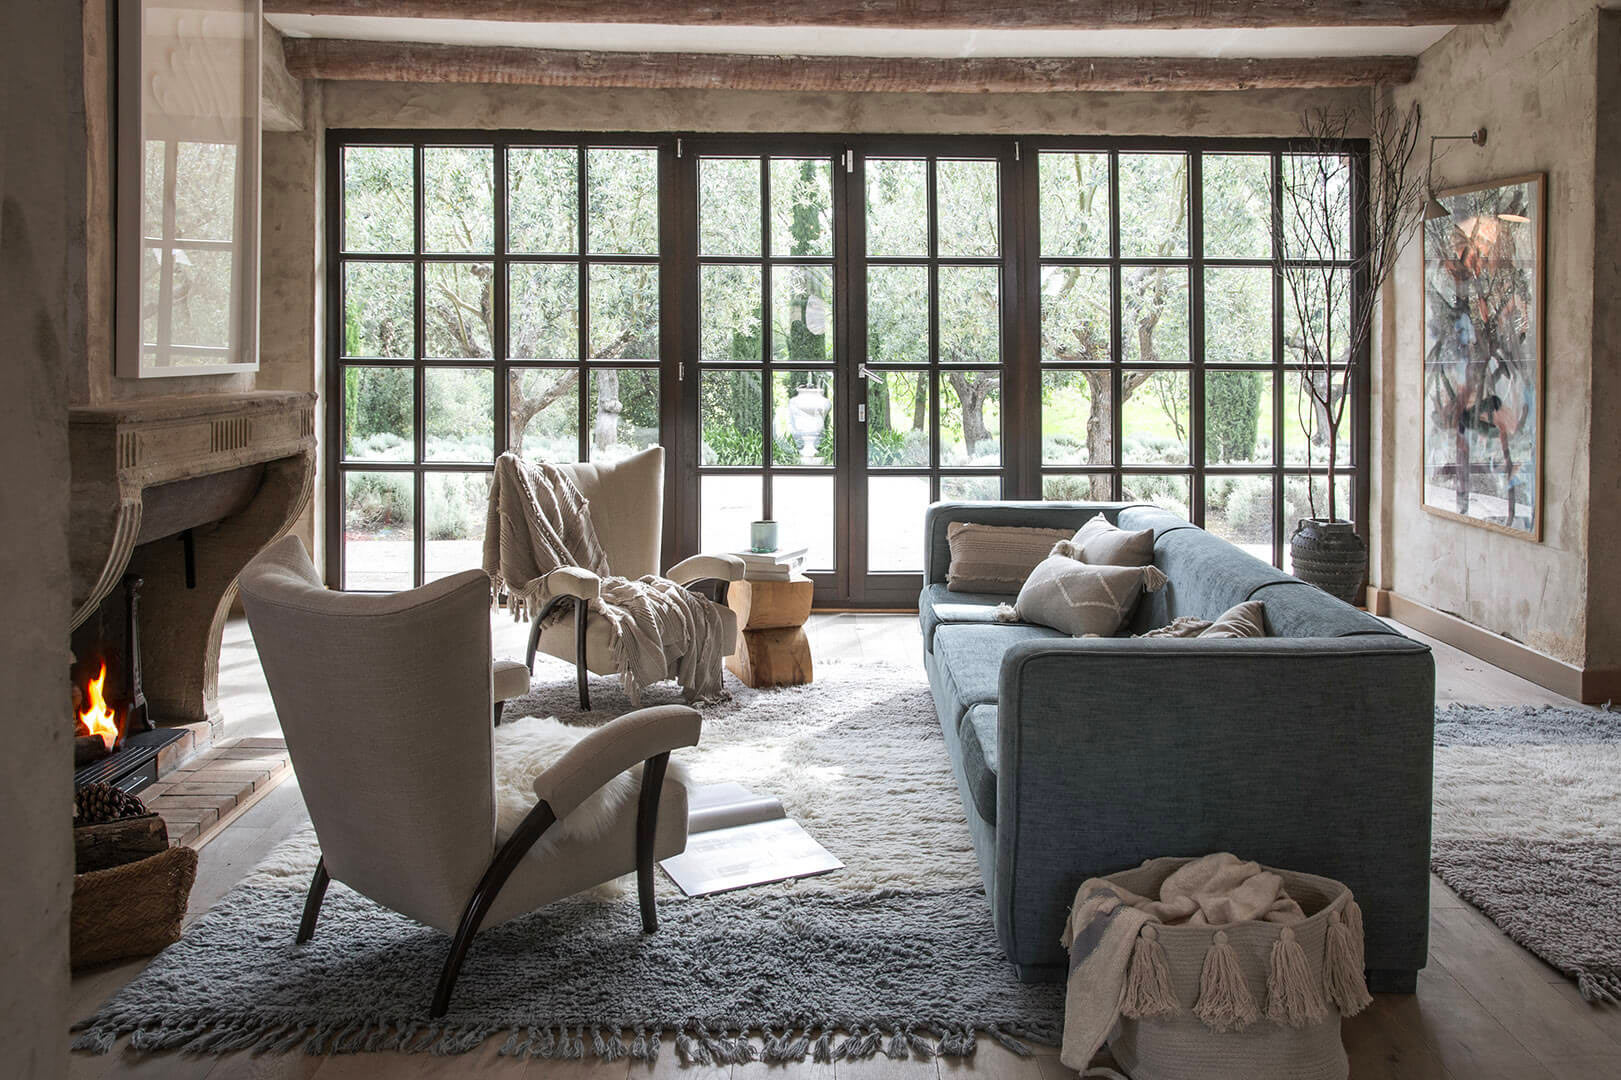 Deco Chambre Parentale Cocooning multipliez les tapis pour une maison cocooning - deladeco.fr